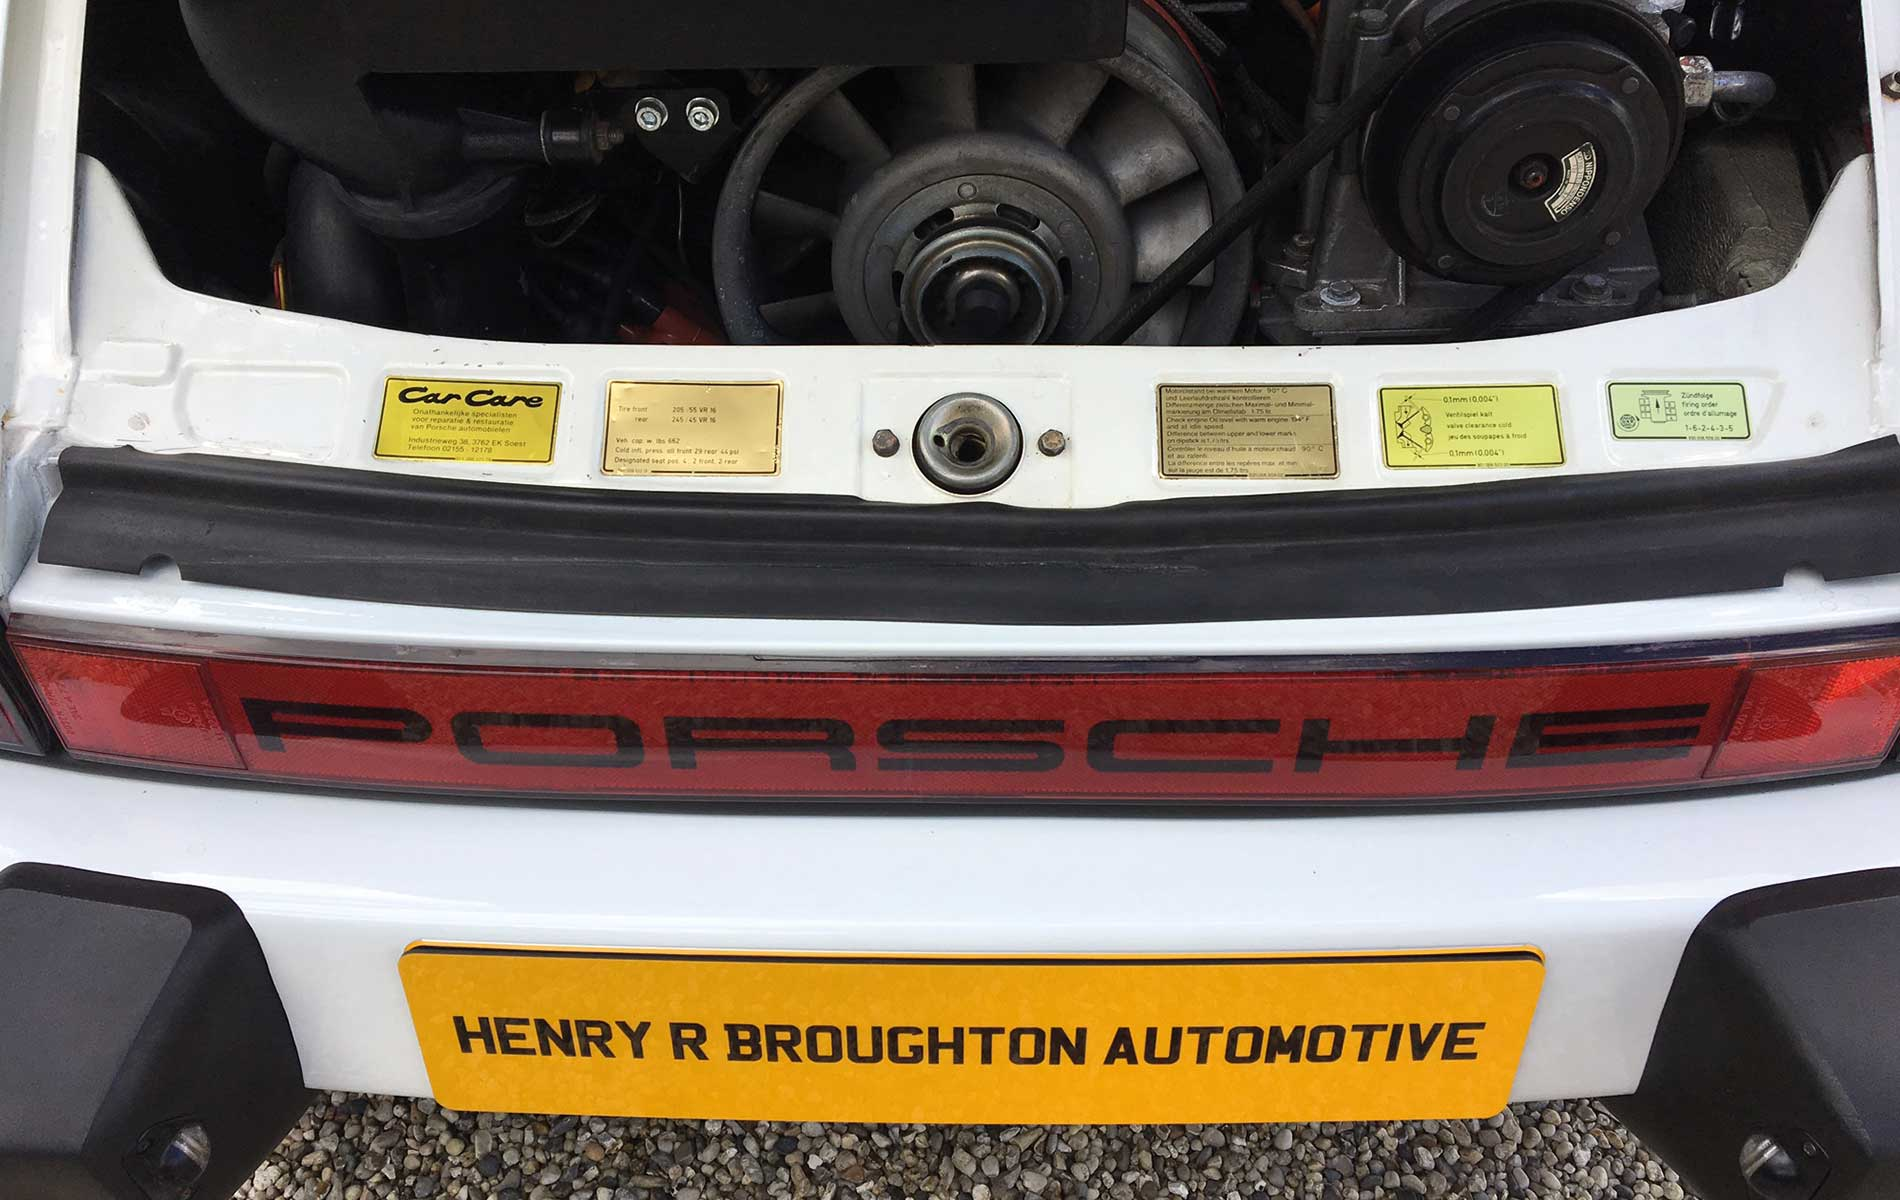 hrb_automotive_1986_Porsche_911_Turbo_05_17_5